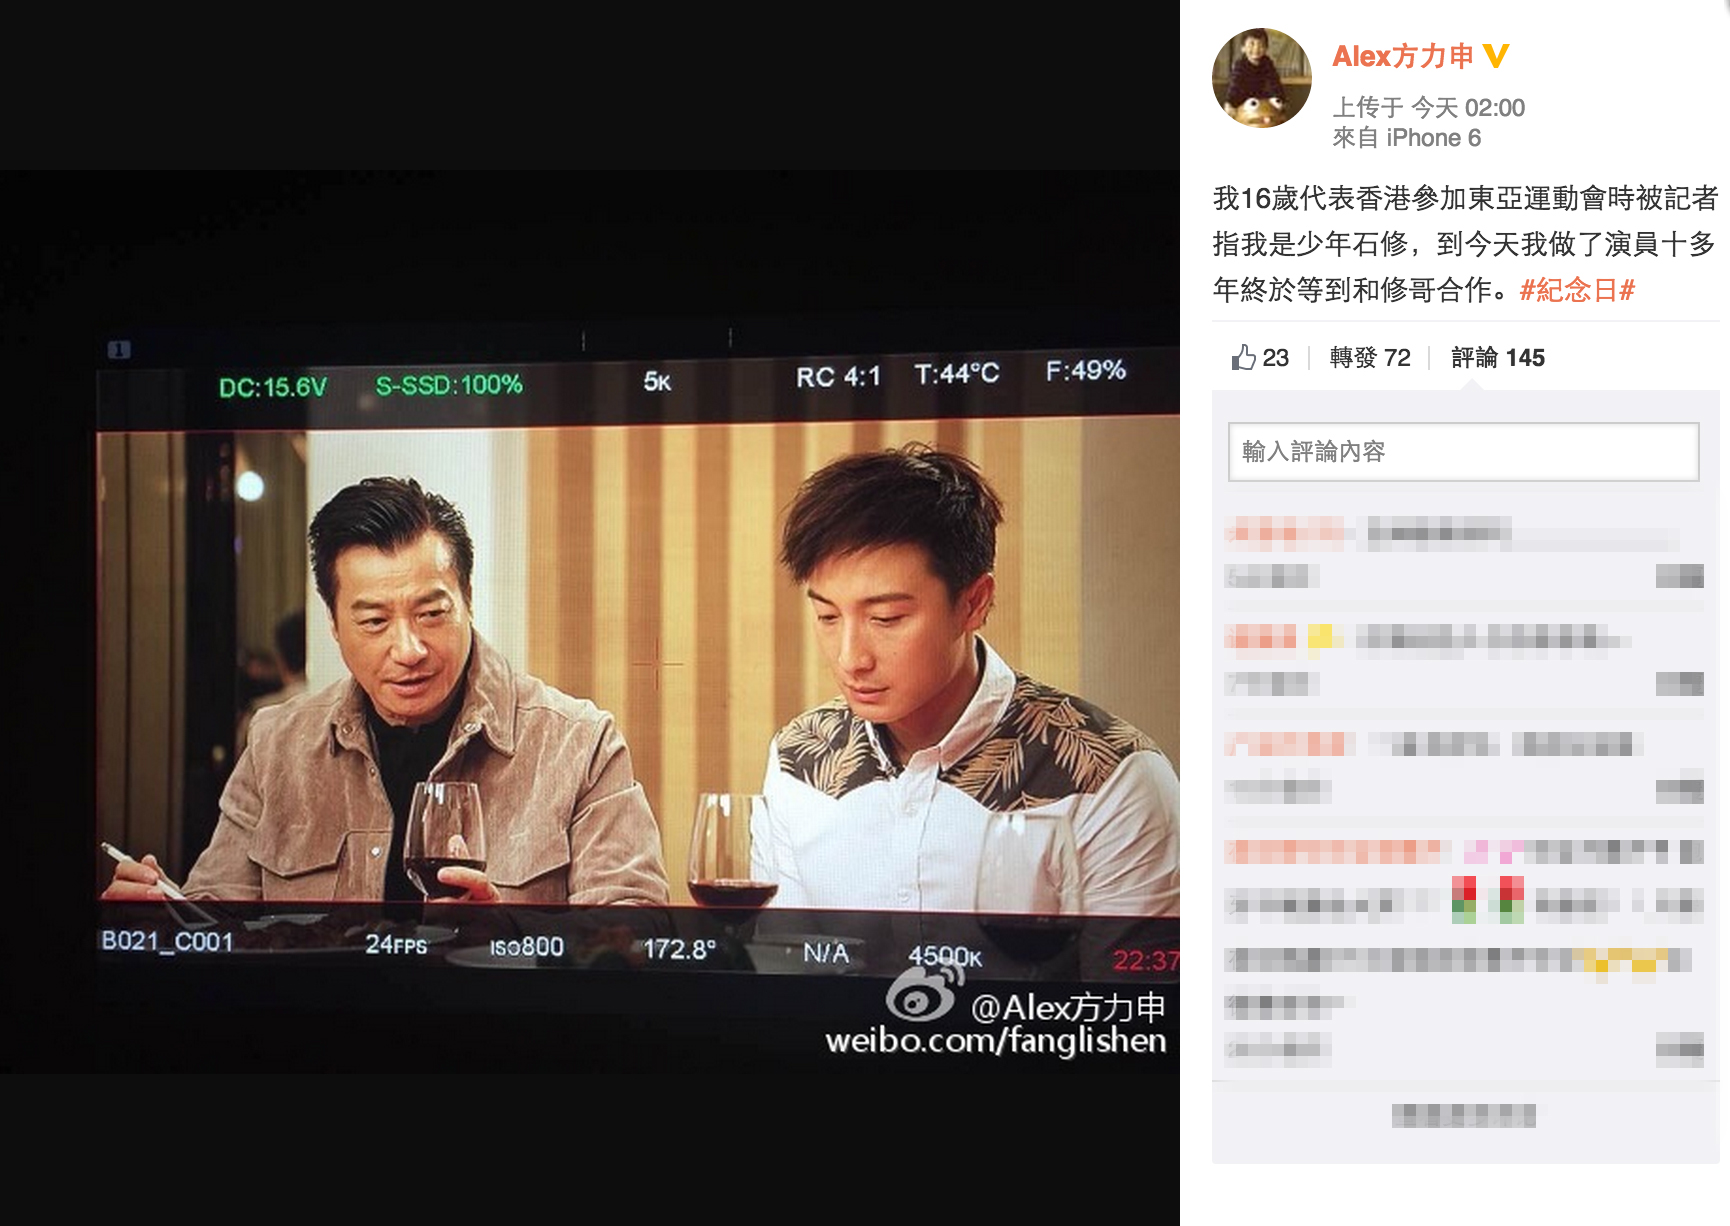 方力申又在微博表示終於可以和石修合作感到高興。(微博截圖)